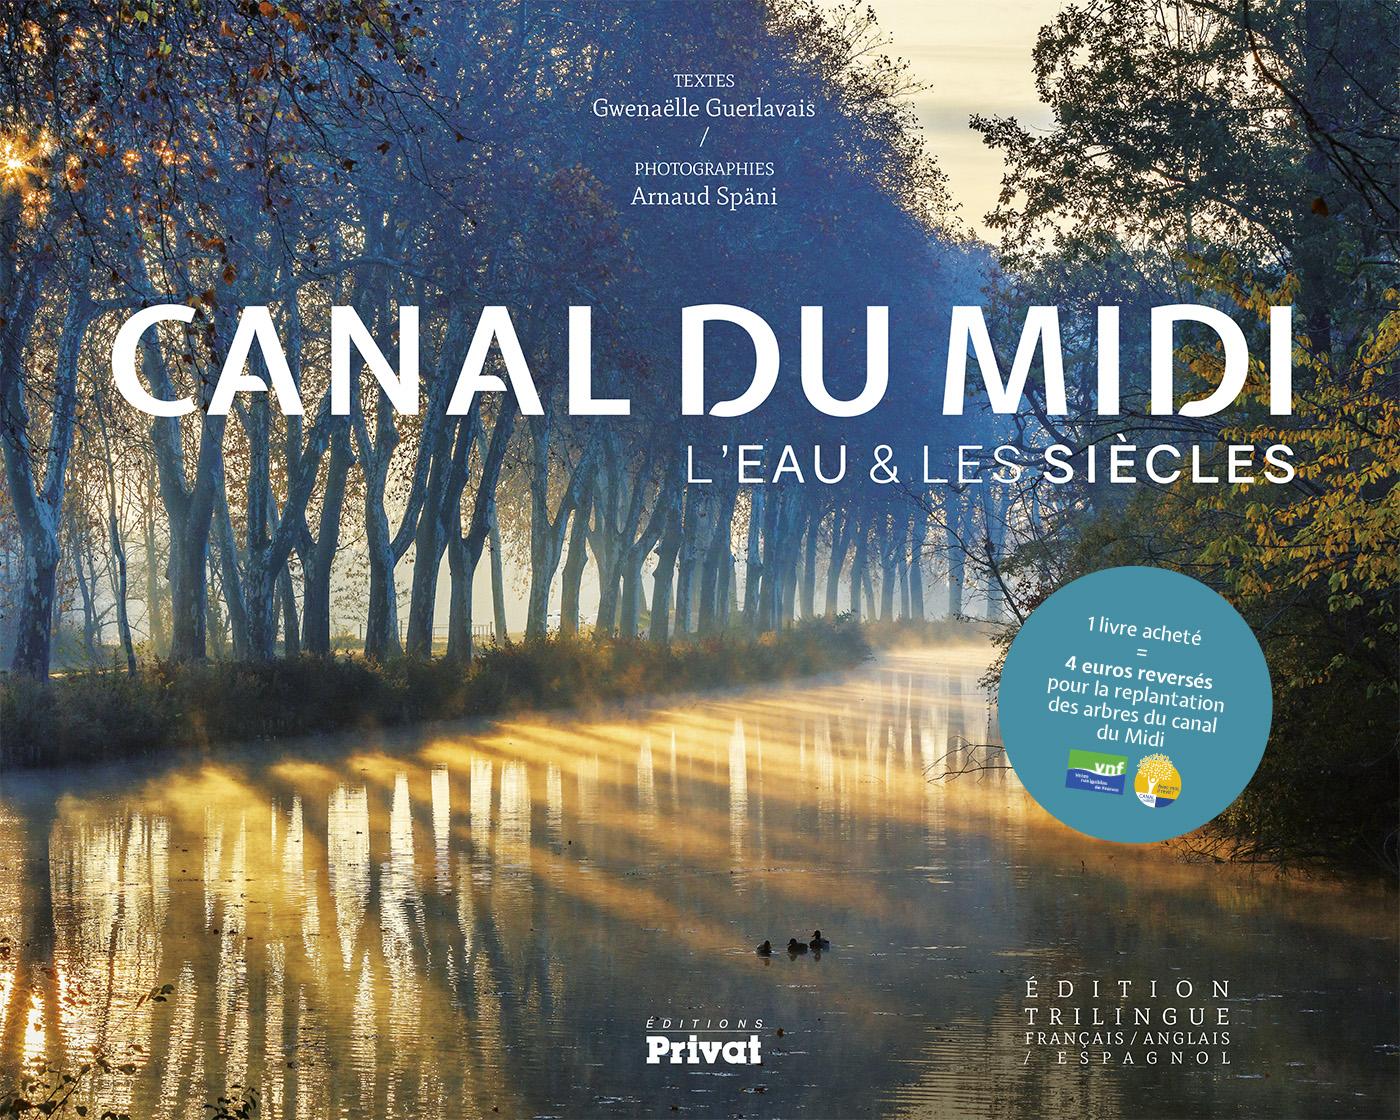 Après un an de reportage sur le terrain le long des 240 km du Canal du Midi (d'Agde à Toulouse), je terminais mon 3e ouvrage consacré au chef d'oeuvre de Pierre-Paul Riquet.